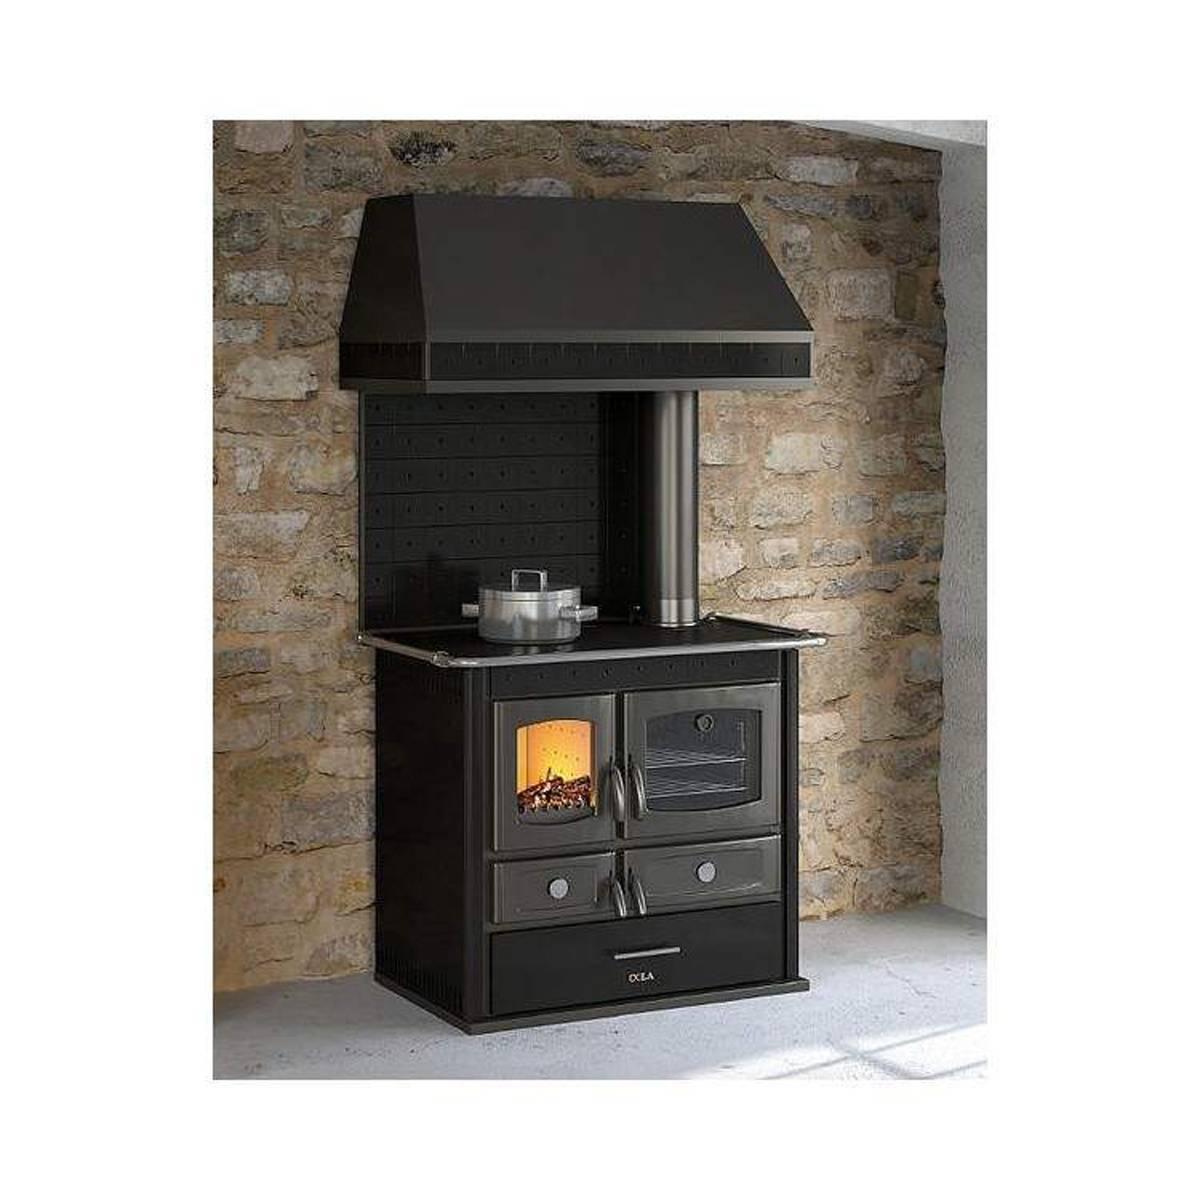 Cucina a legna anselmo cola helena rustic 8kw in acciaio verniciato e ceramica quaranta store - Cucina acciaio prezzi ...